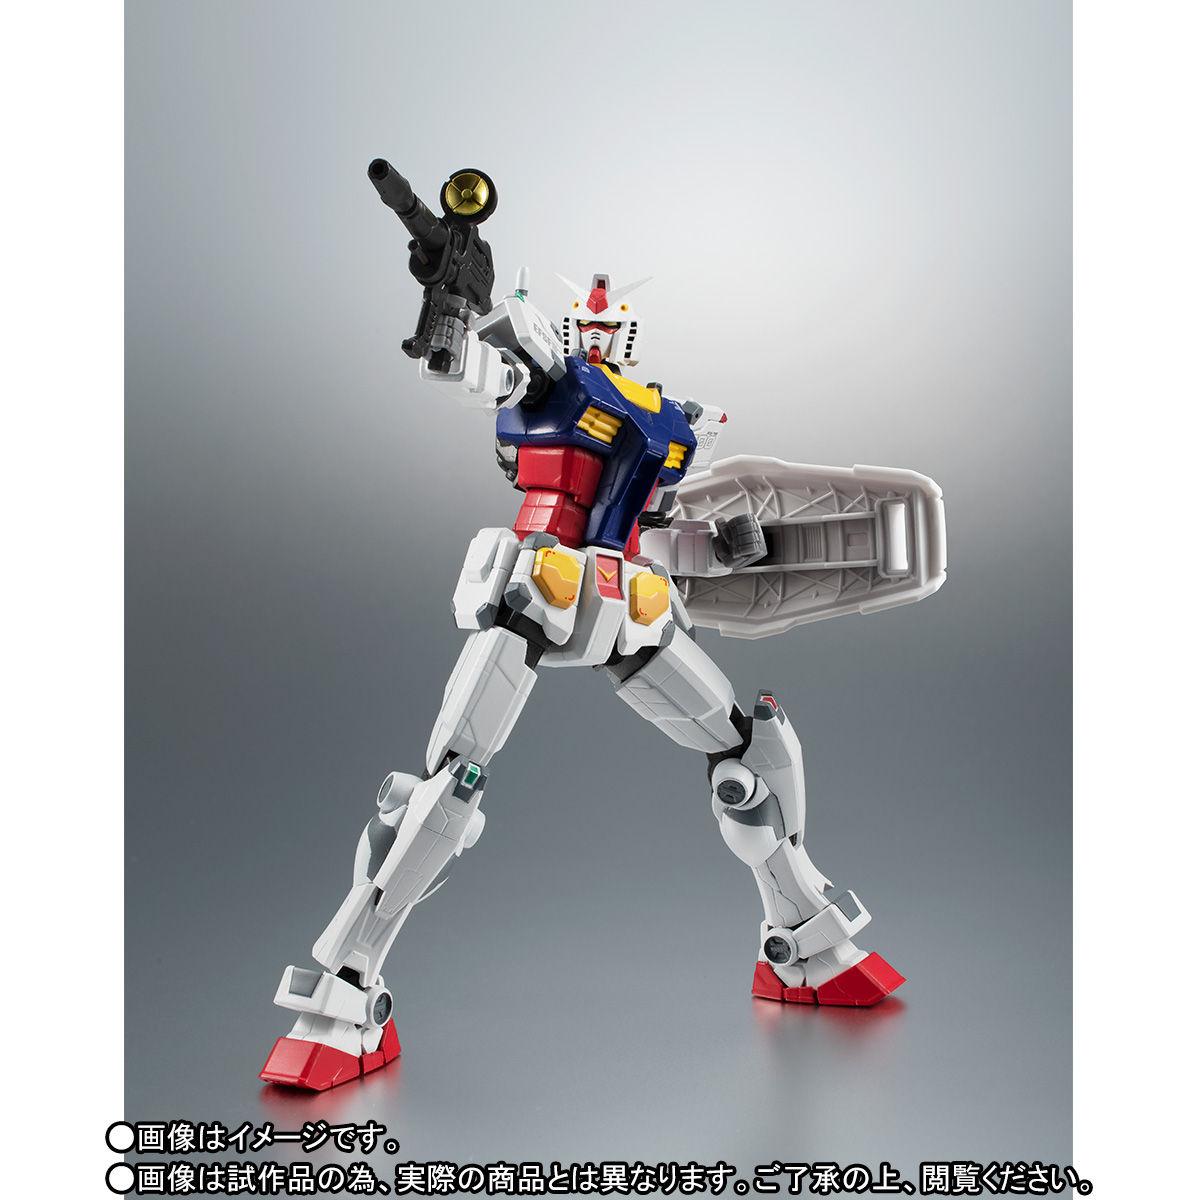 【限定販売】ROBOT魂〈SIDE MS〉『RX-78F00 ガンダム』可動フィギュア-009